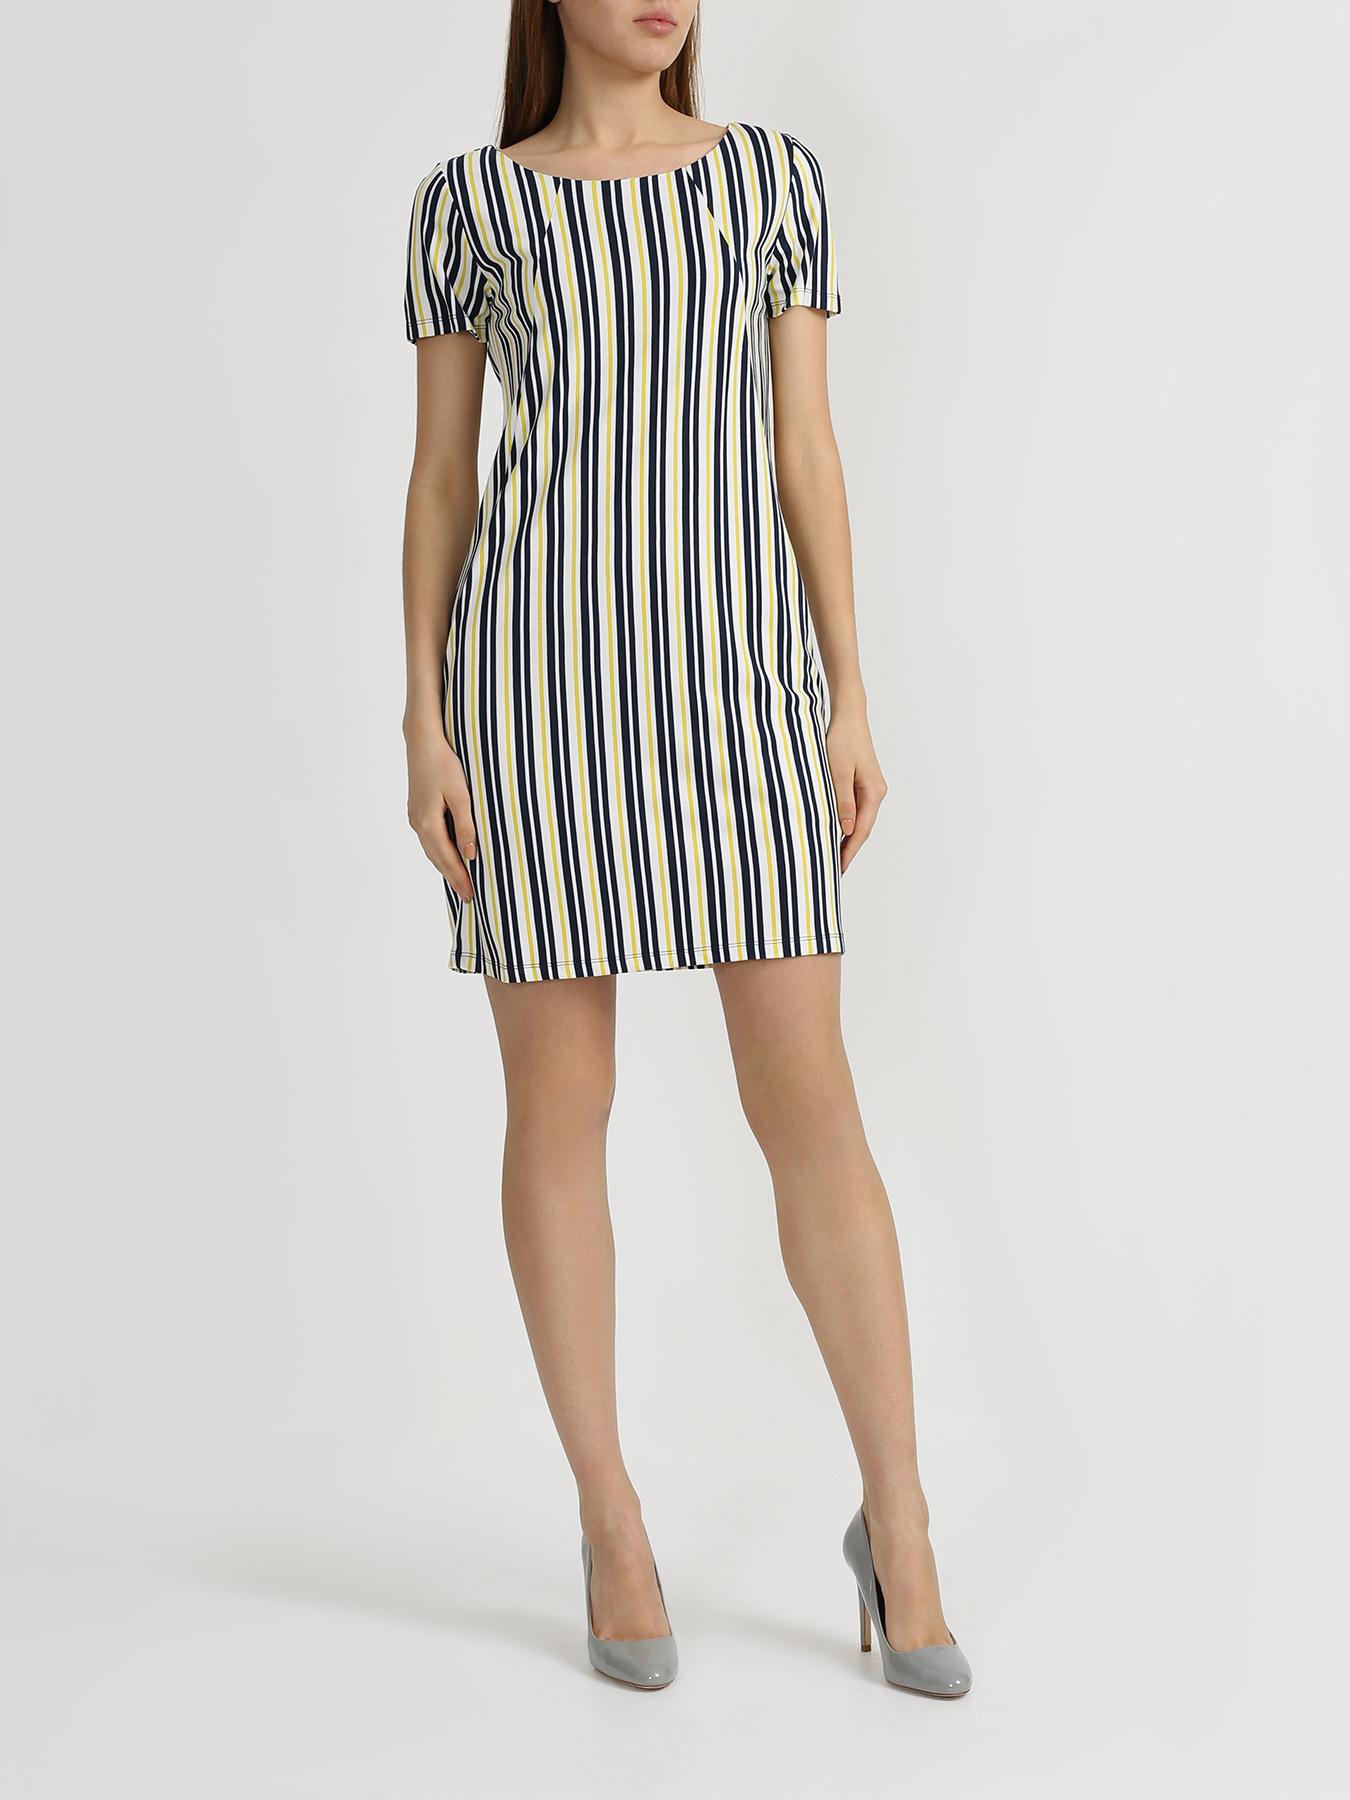 Платье Liu Jo Платье с карманами свободное платье с 2 мя карманами yarmina